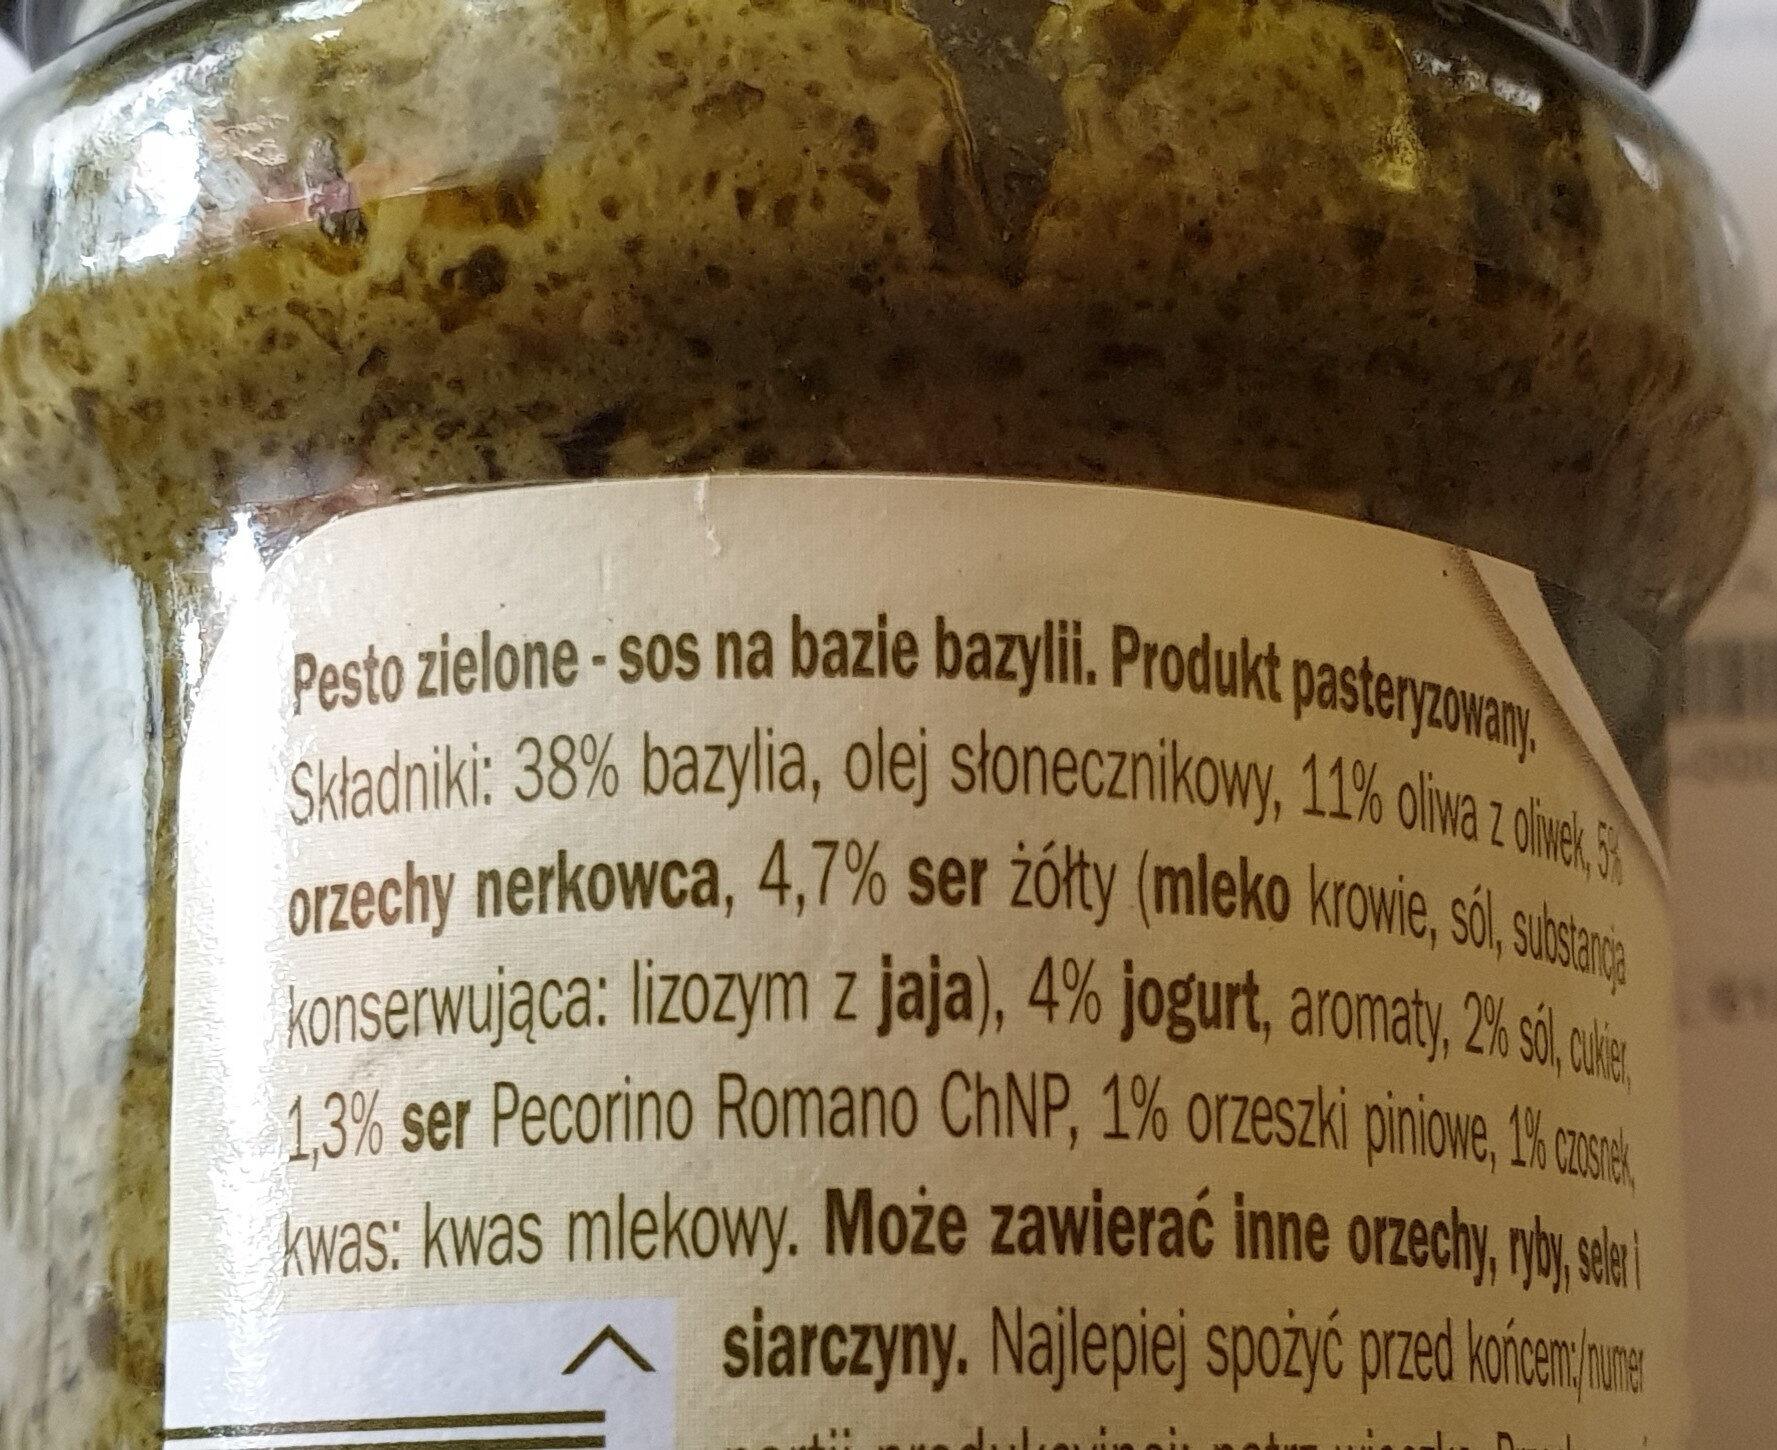 Pesto allá genovese - Wartości odżywcze - pl